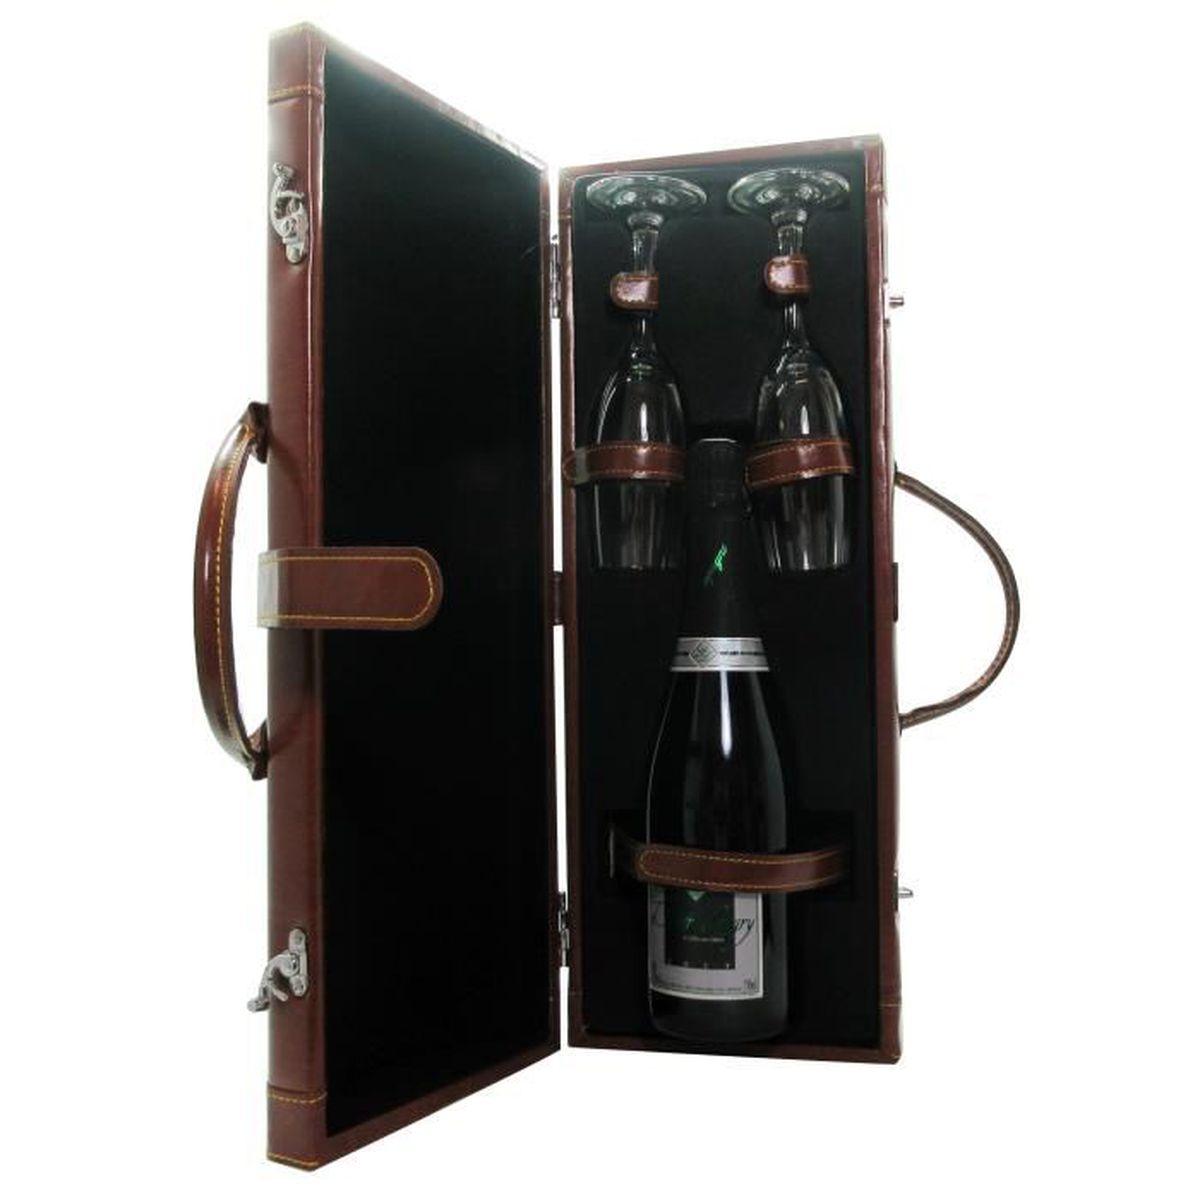 COFFRET CADEAU VIN Coffret valisette Champagne avec 2 flûtes